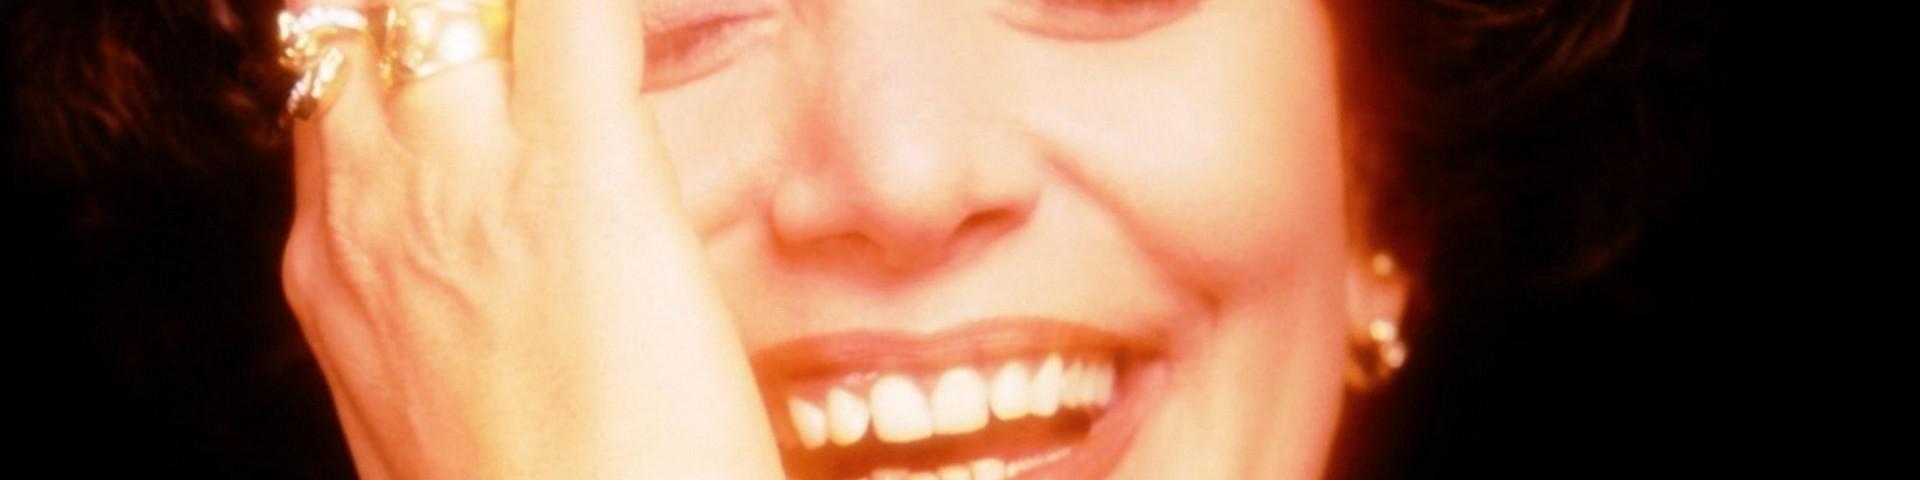 Morte Mia Martini: dall'ipotesi suicidio alle accuse della sorella Loredana Bertè sul padre